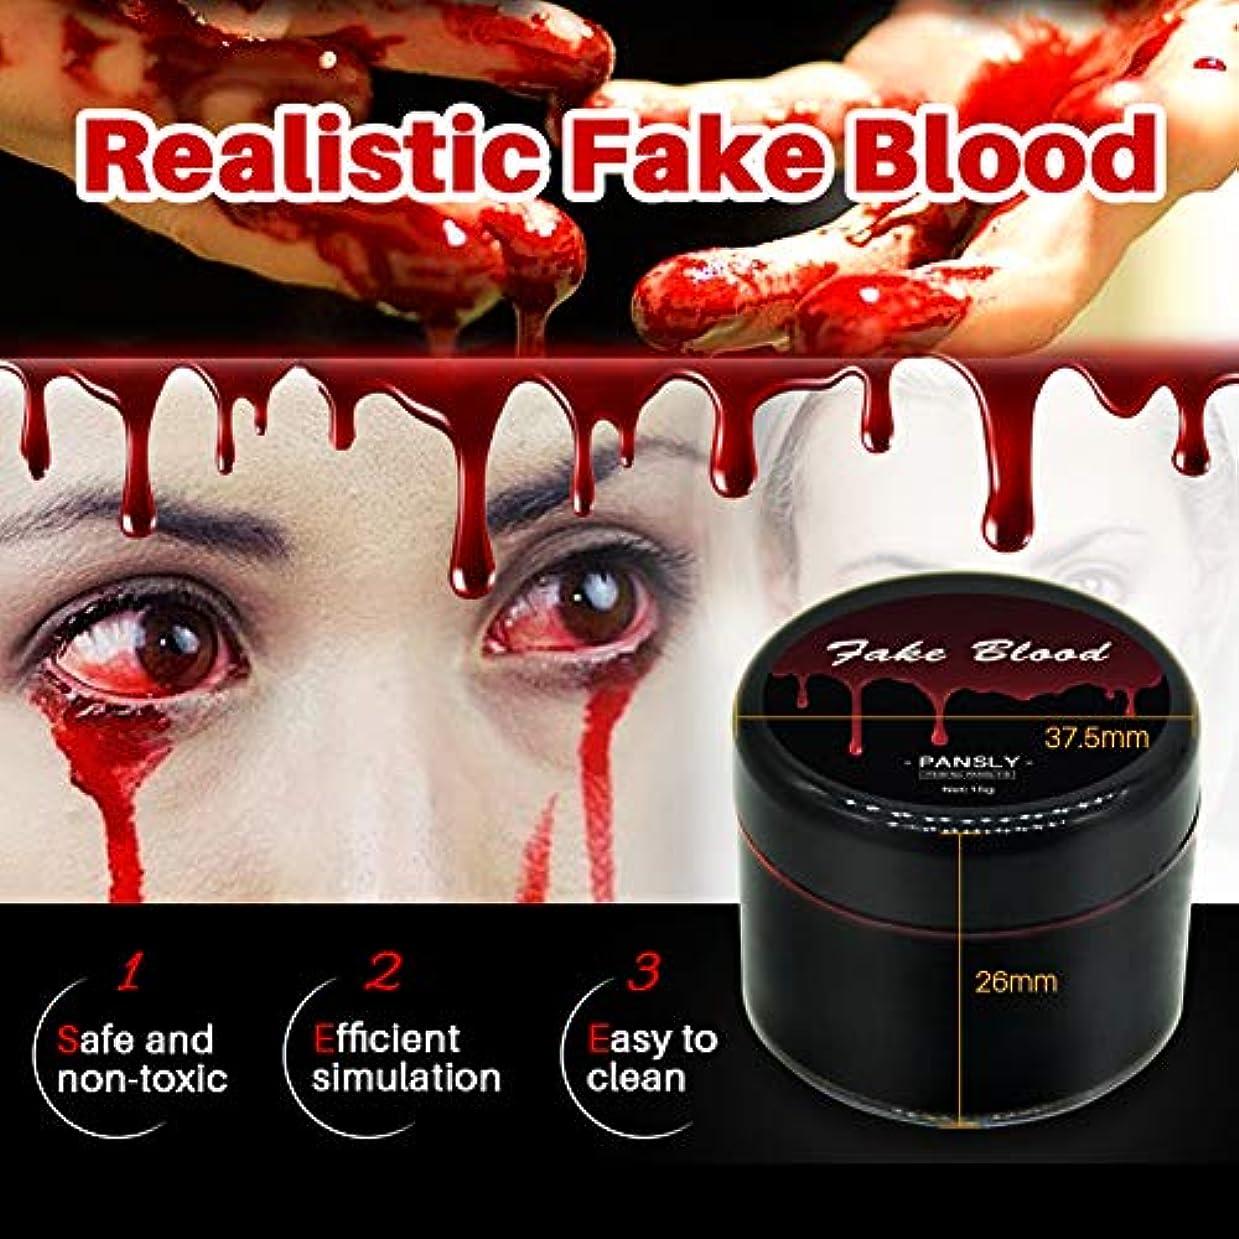 検索用量願う15ミリリットル現実的な偽吸血鬼血ハロウィーンパーティーコスプレ化粧トリックジョーク玩具